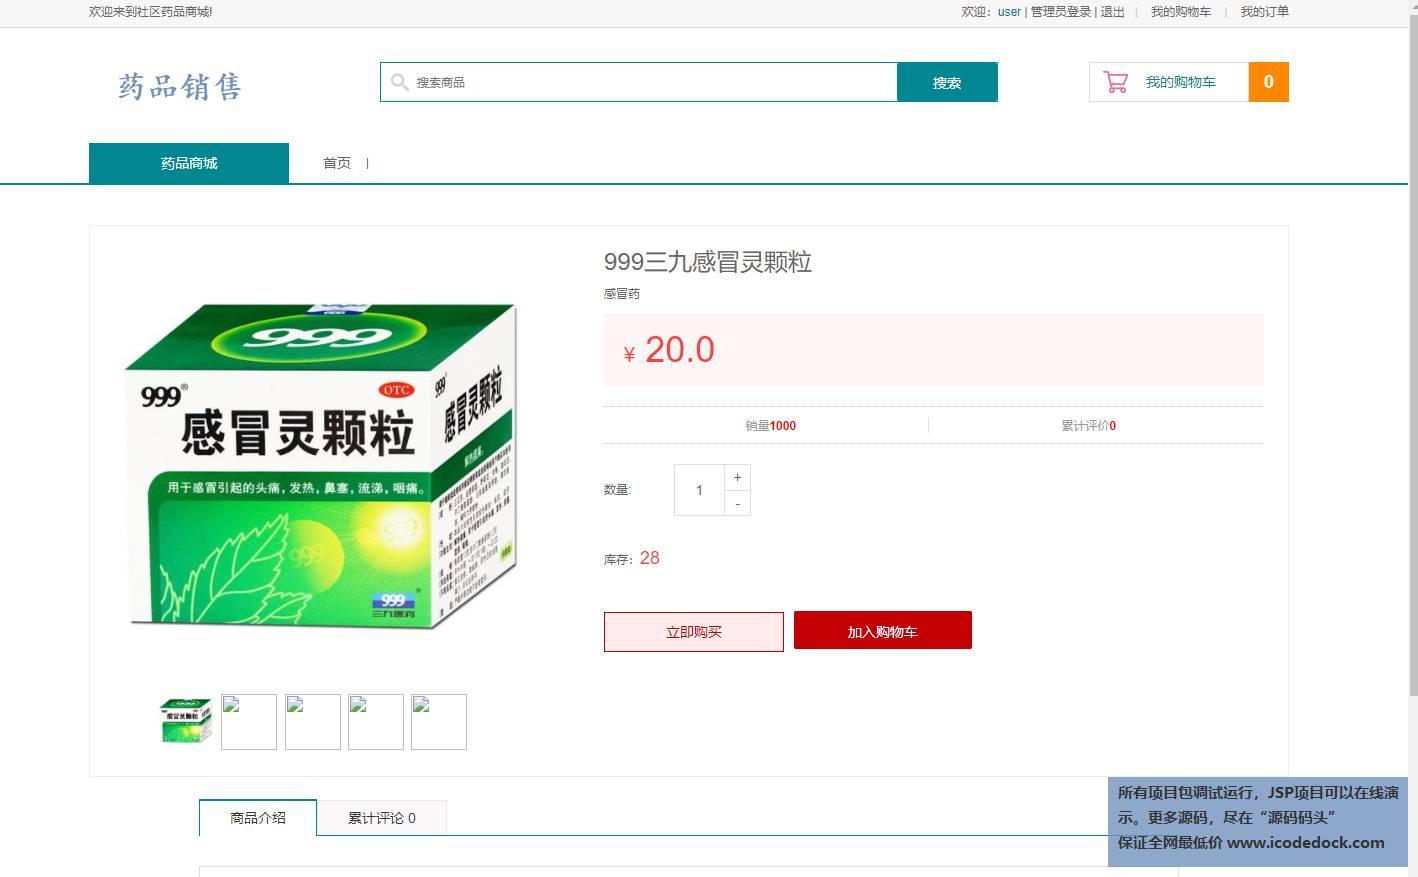 源码码头-SSM在线社区药品销售商城-用户角色-查看商品详情